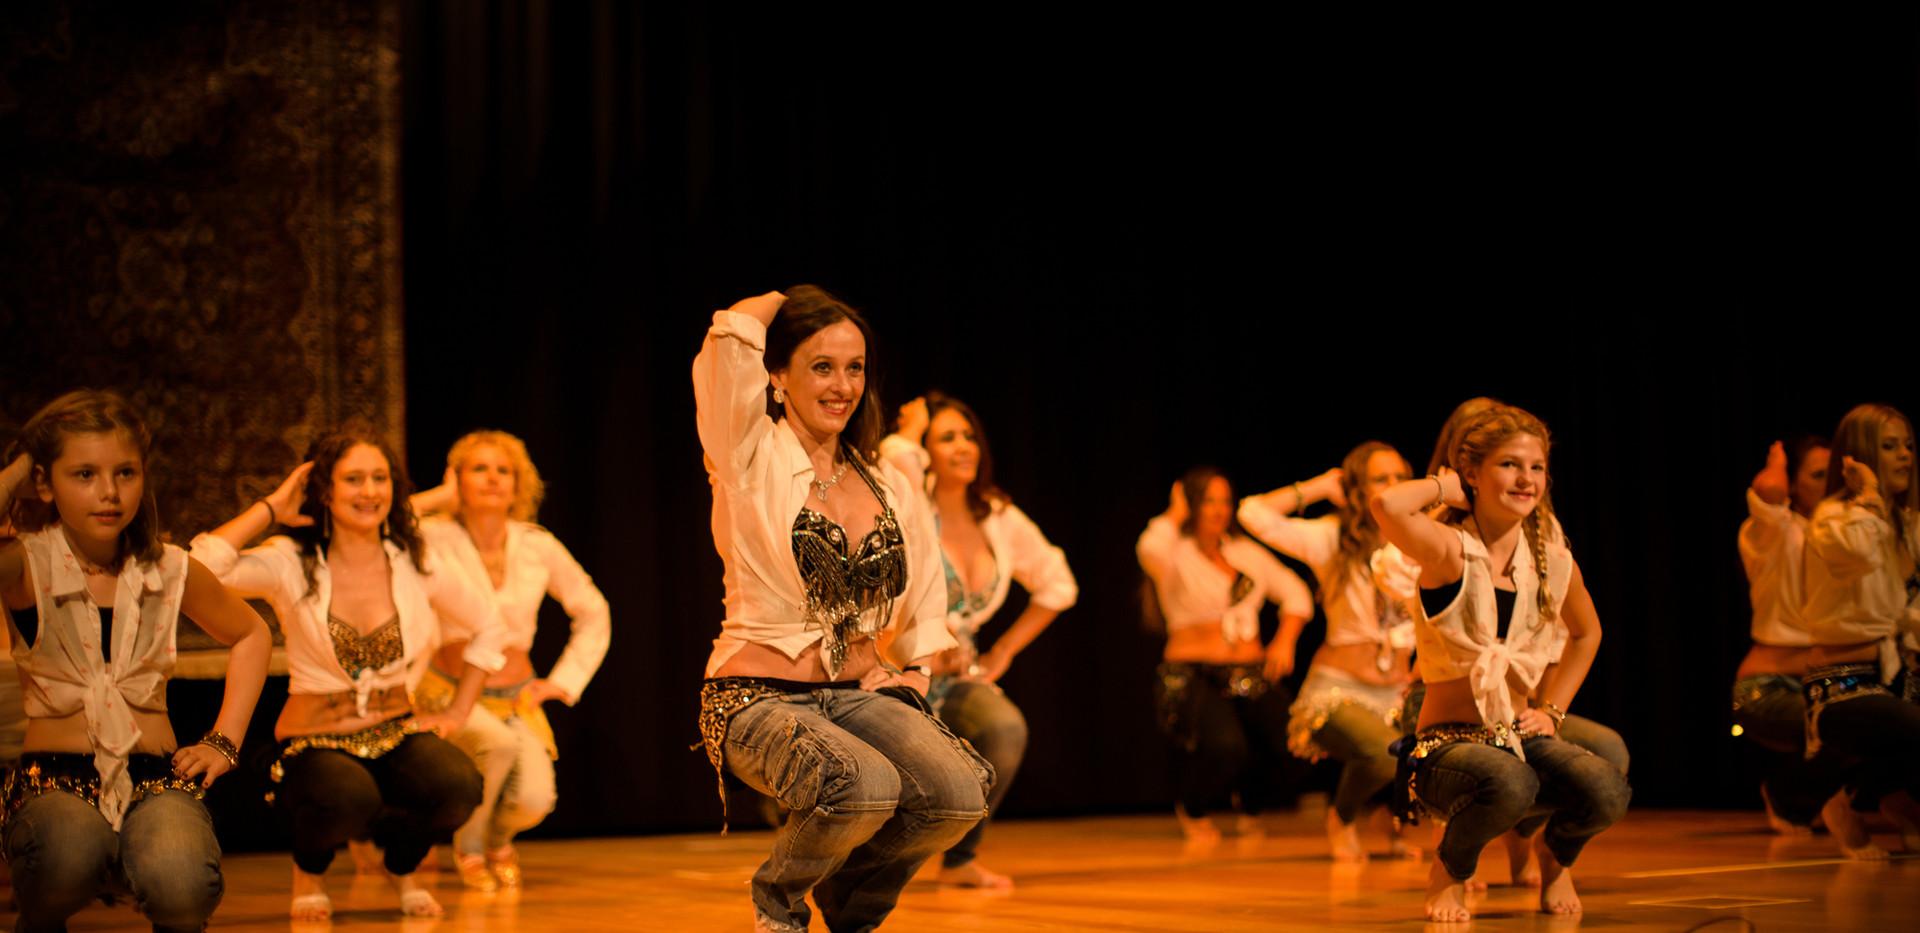 Tanzshow 2017 - Finale